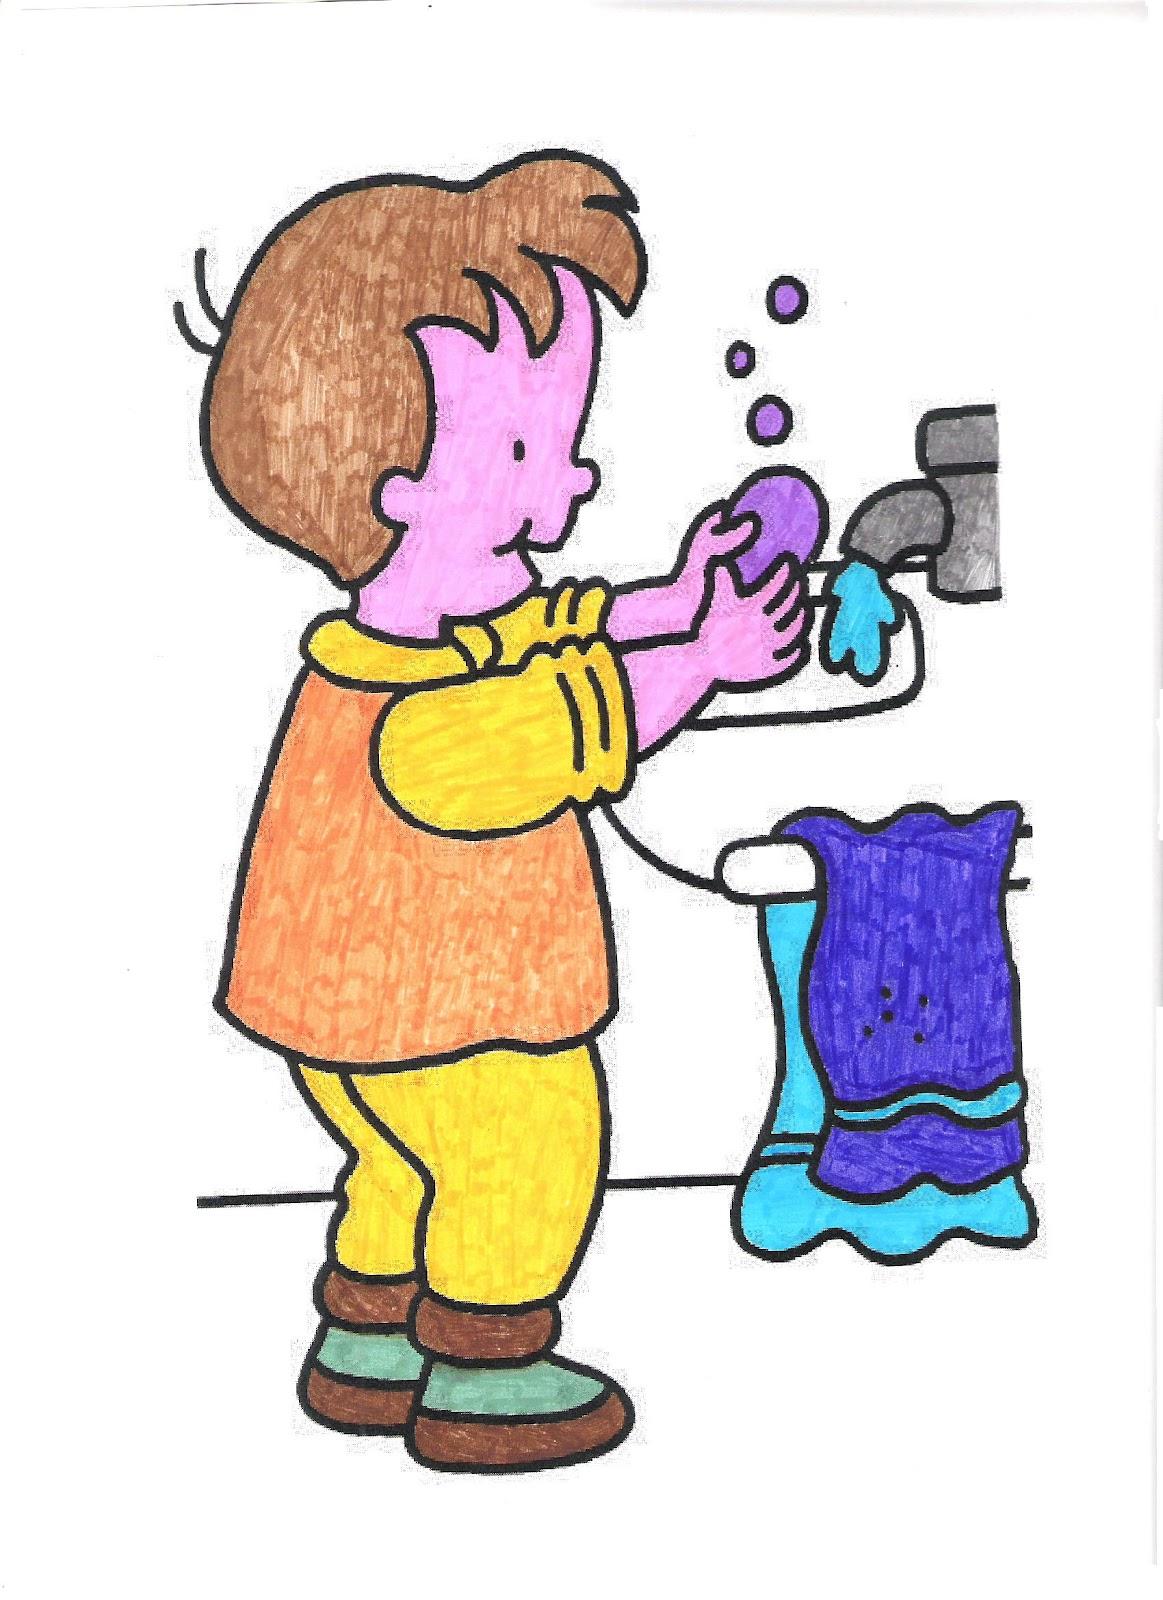 Imagenes De Ir Al Baño Para Ninos:Las Palomitas: Práctica 3: Higiene ...